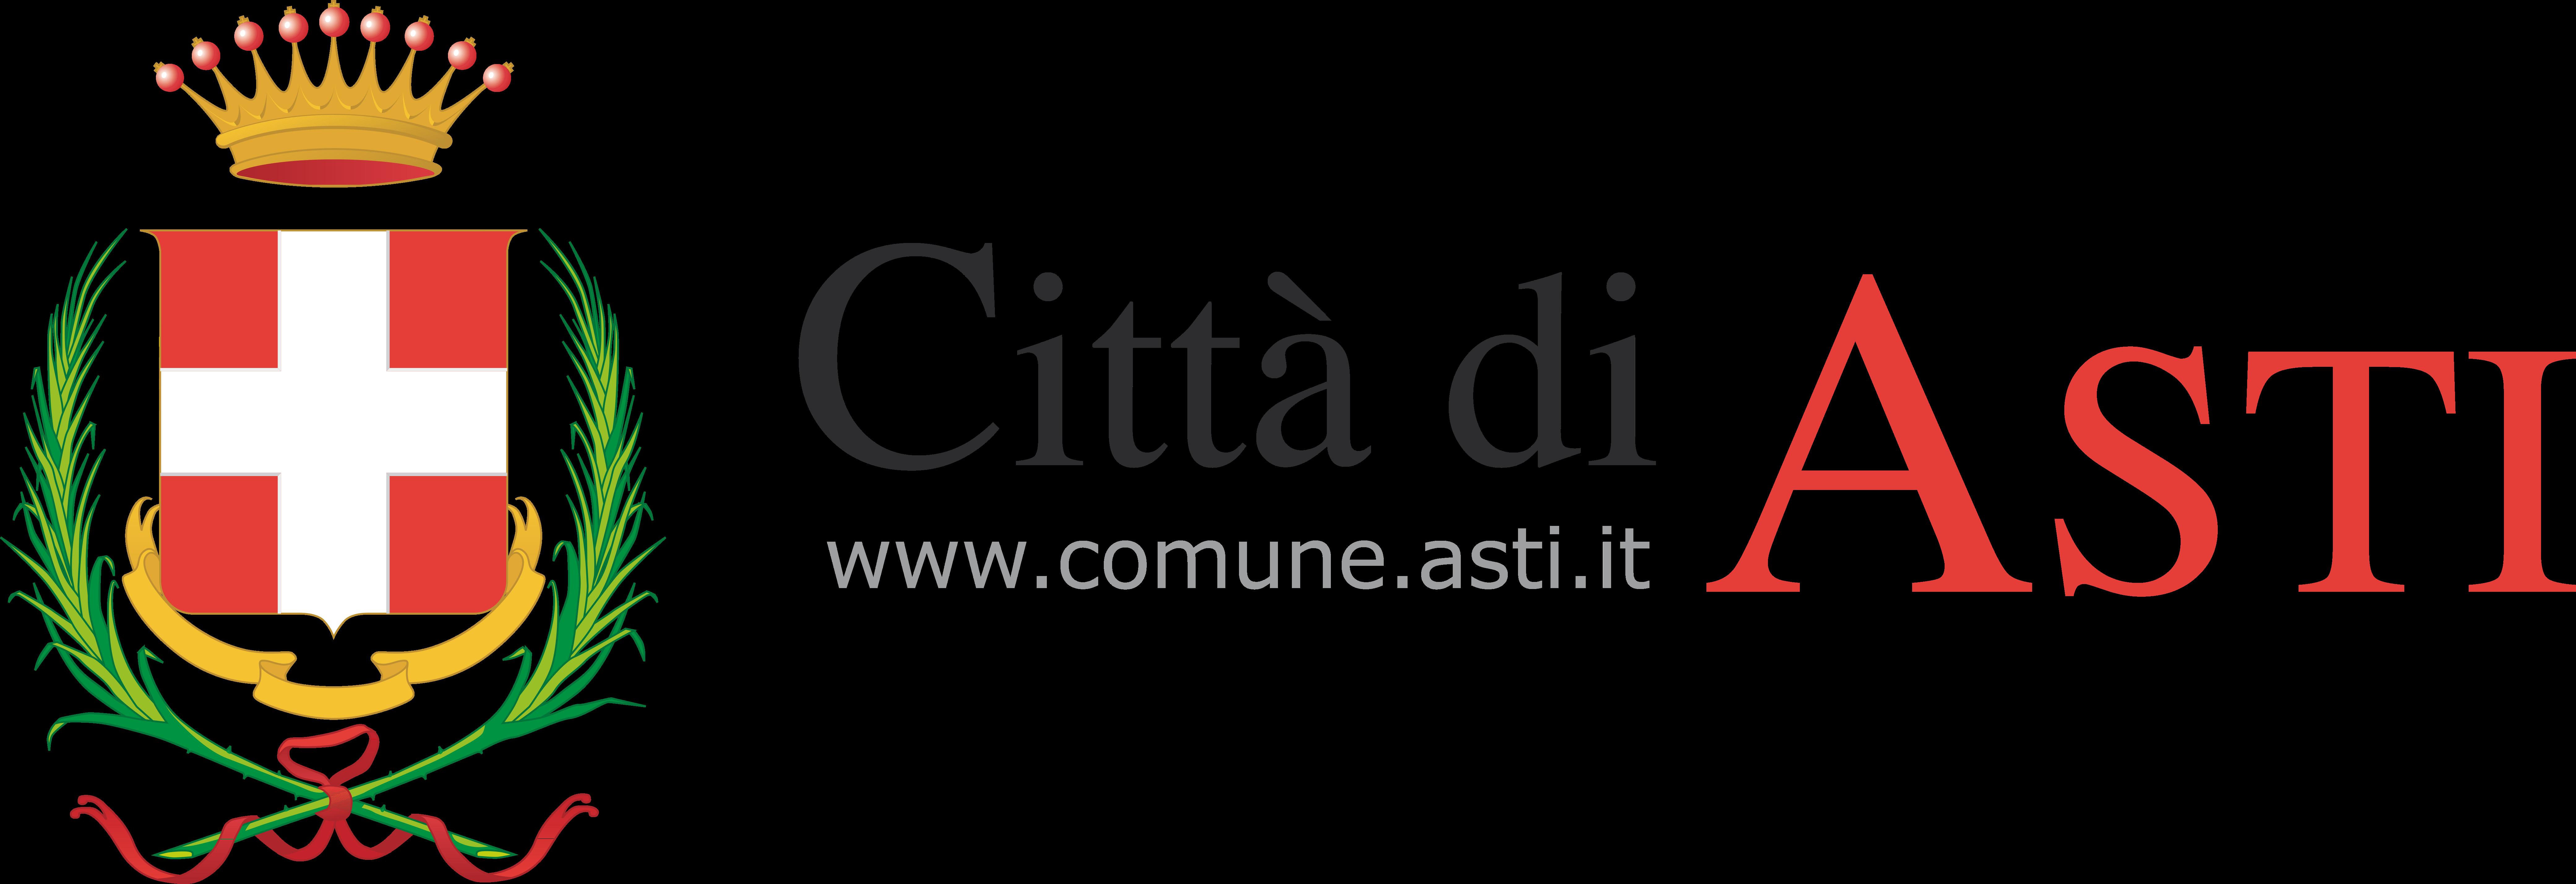 Città di Asti